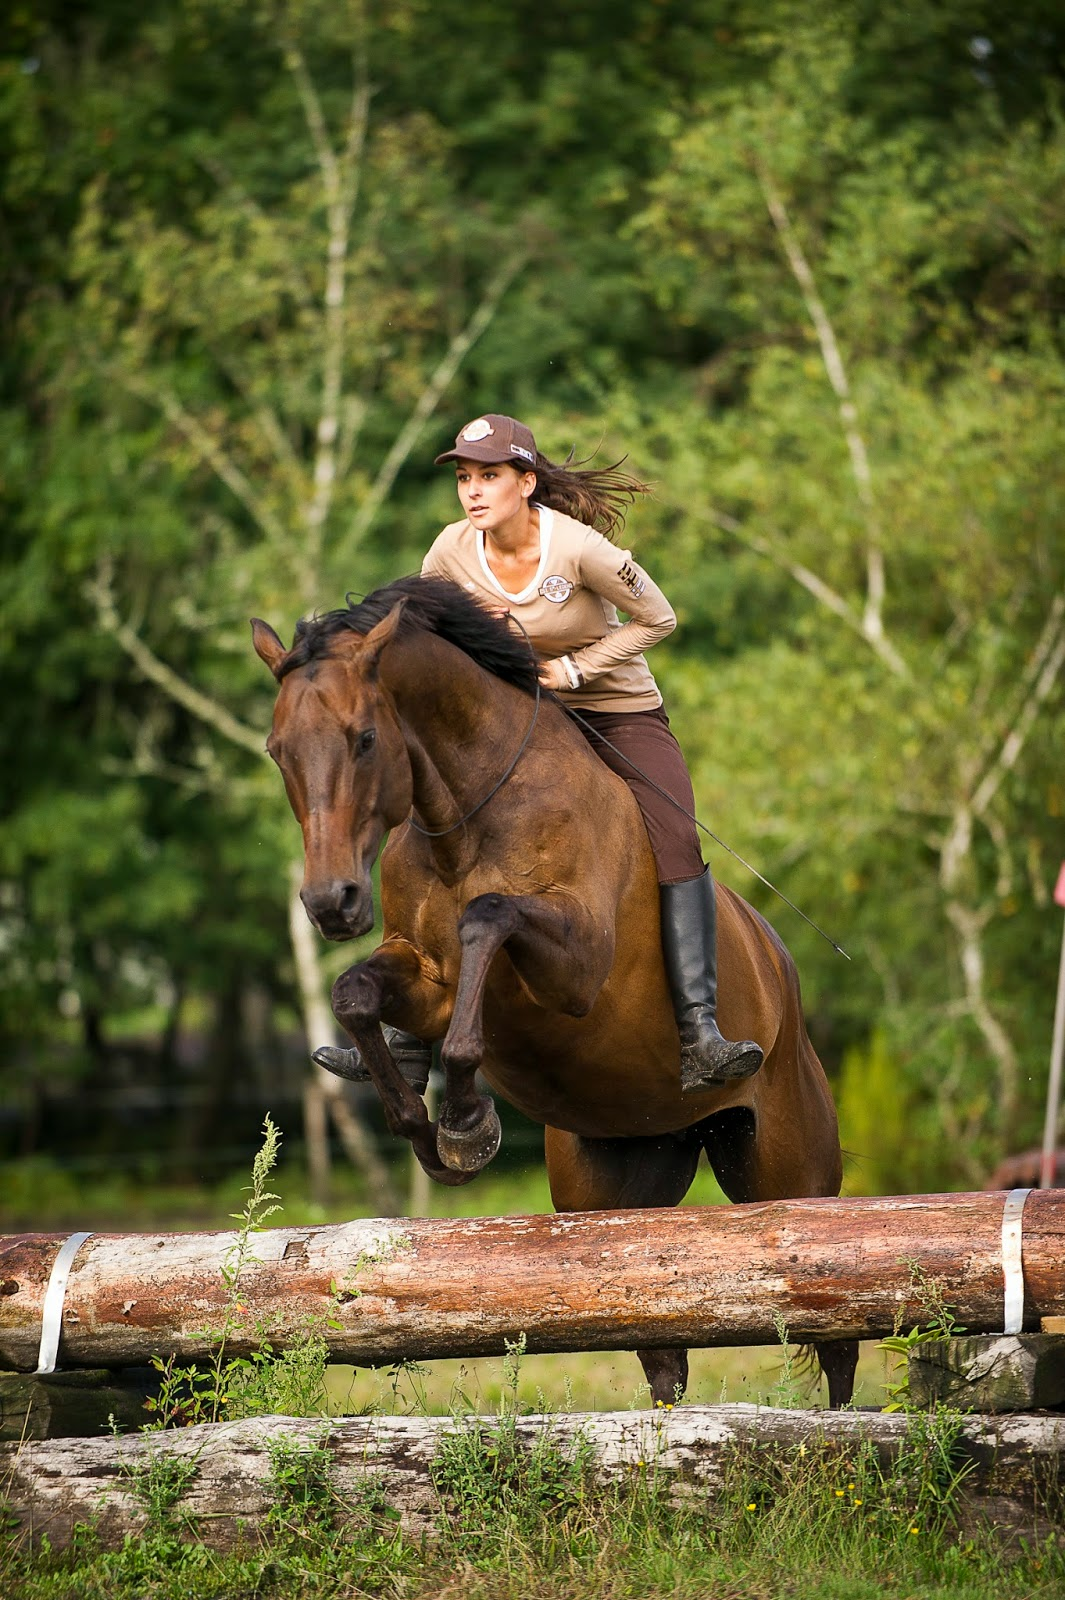 Balydesepeires monter en cordelette - Tchoupi et le cheval ...